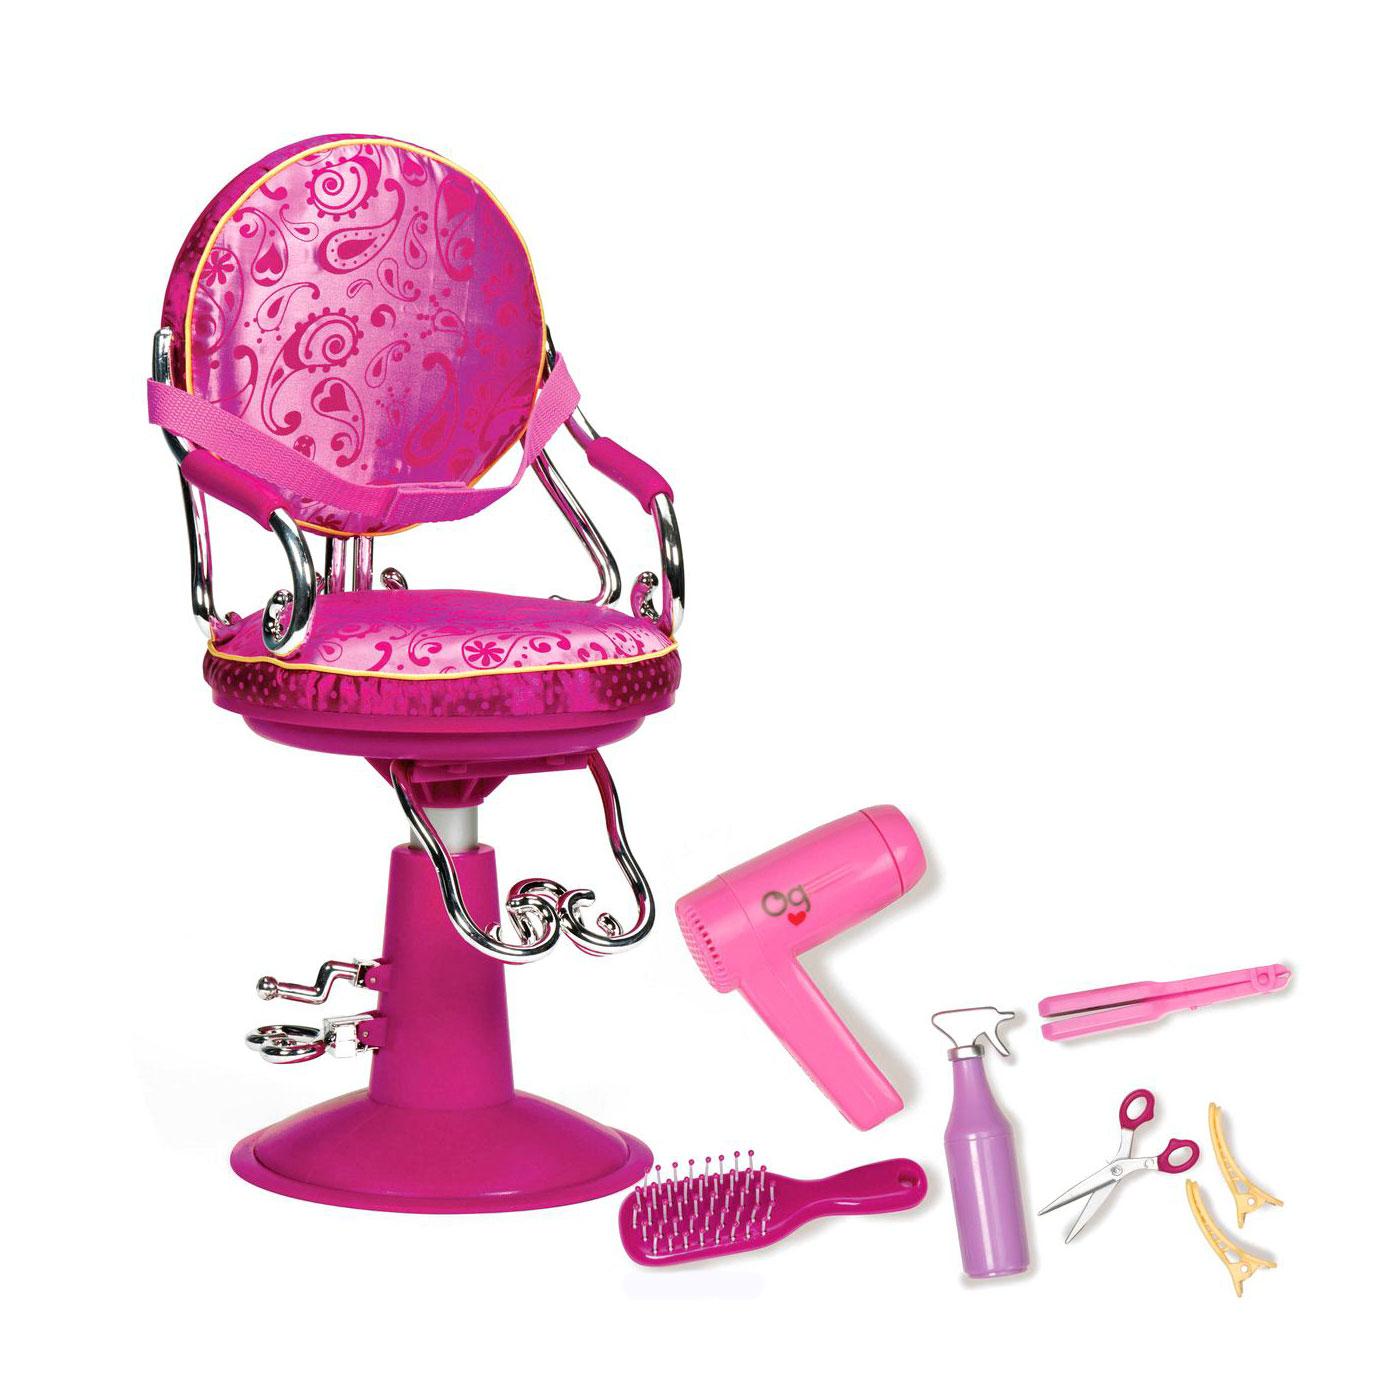 Игрушка Our Generation Парикмахерское кресло с аксессуарами для куклы<br>